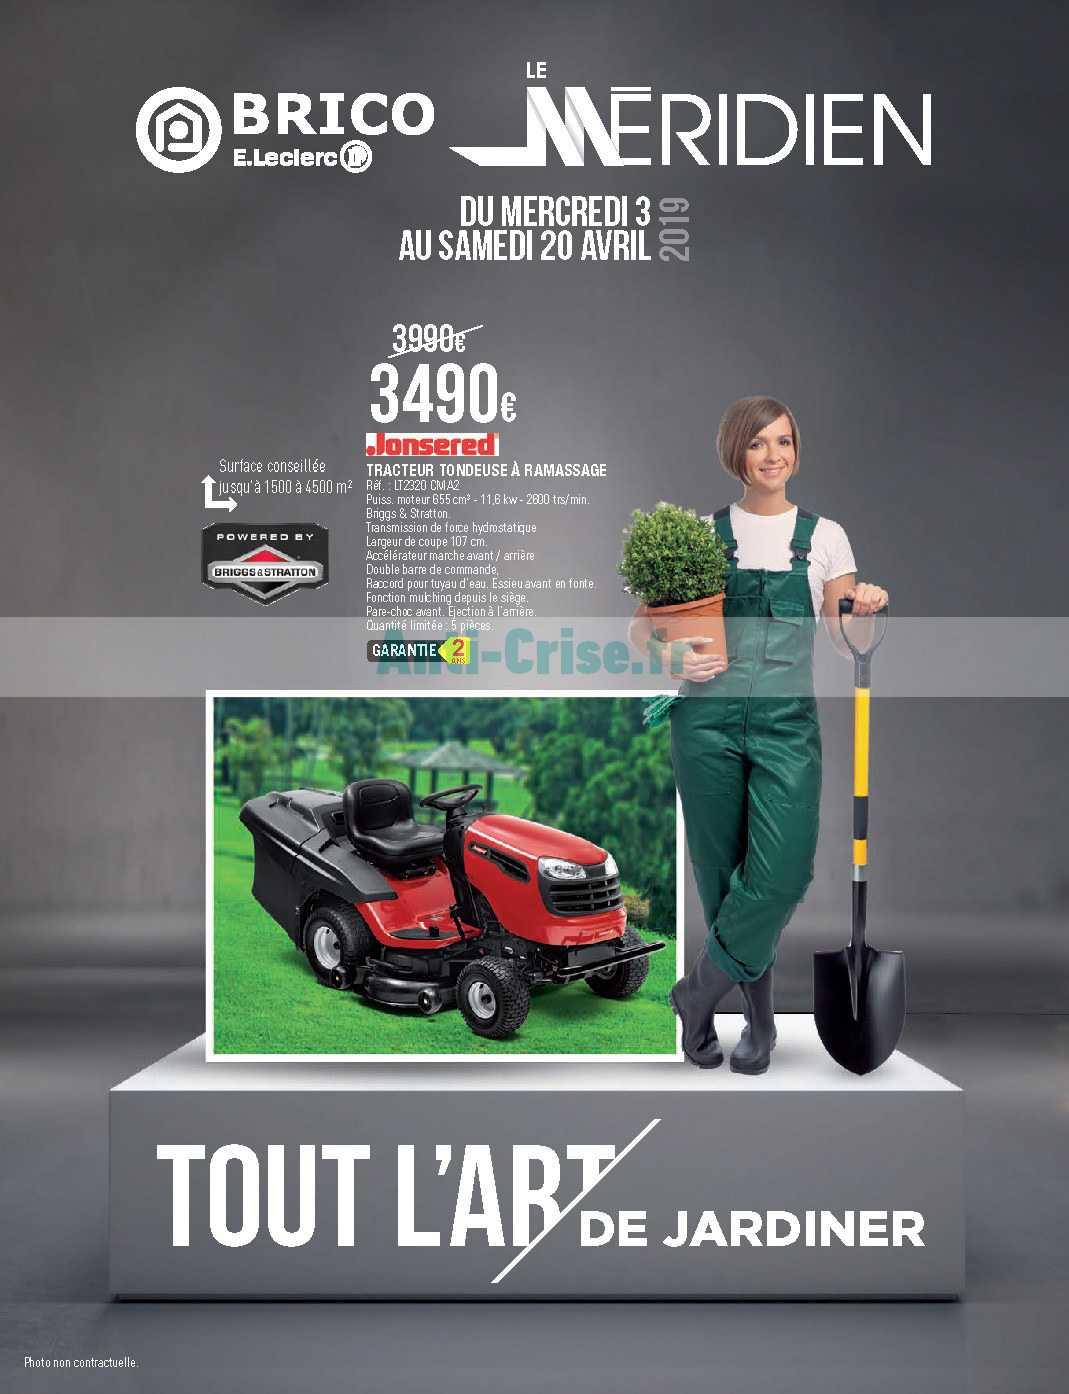 Tracteur Tondeuse Brico Leclerc